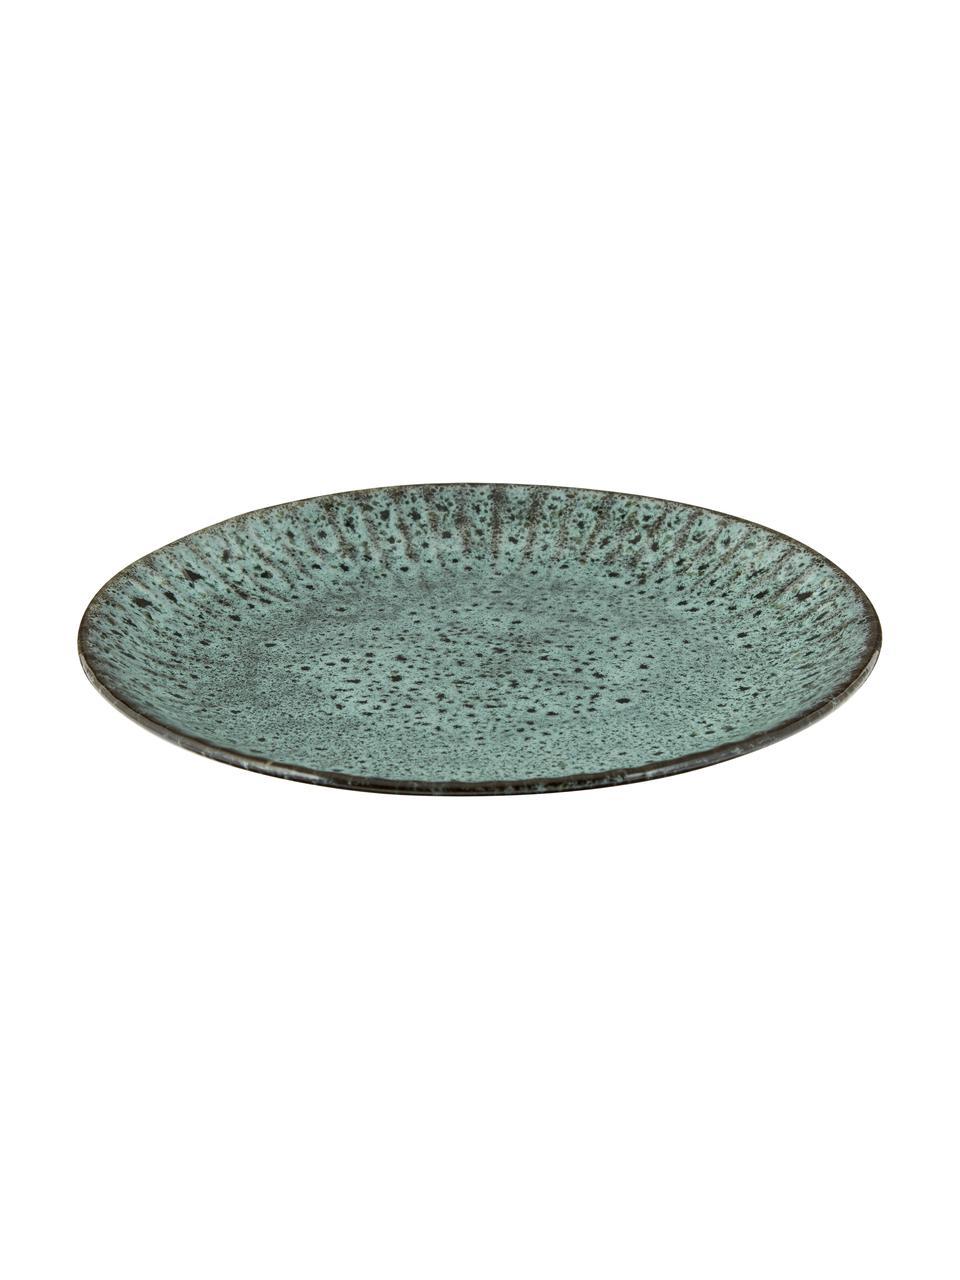 Talerz śniadaniowy z kamionki Vingo, 2 szt., Kamionka, Niebieskozielony, czarny, Ø 22 cm